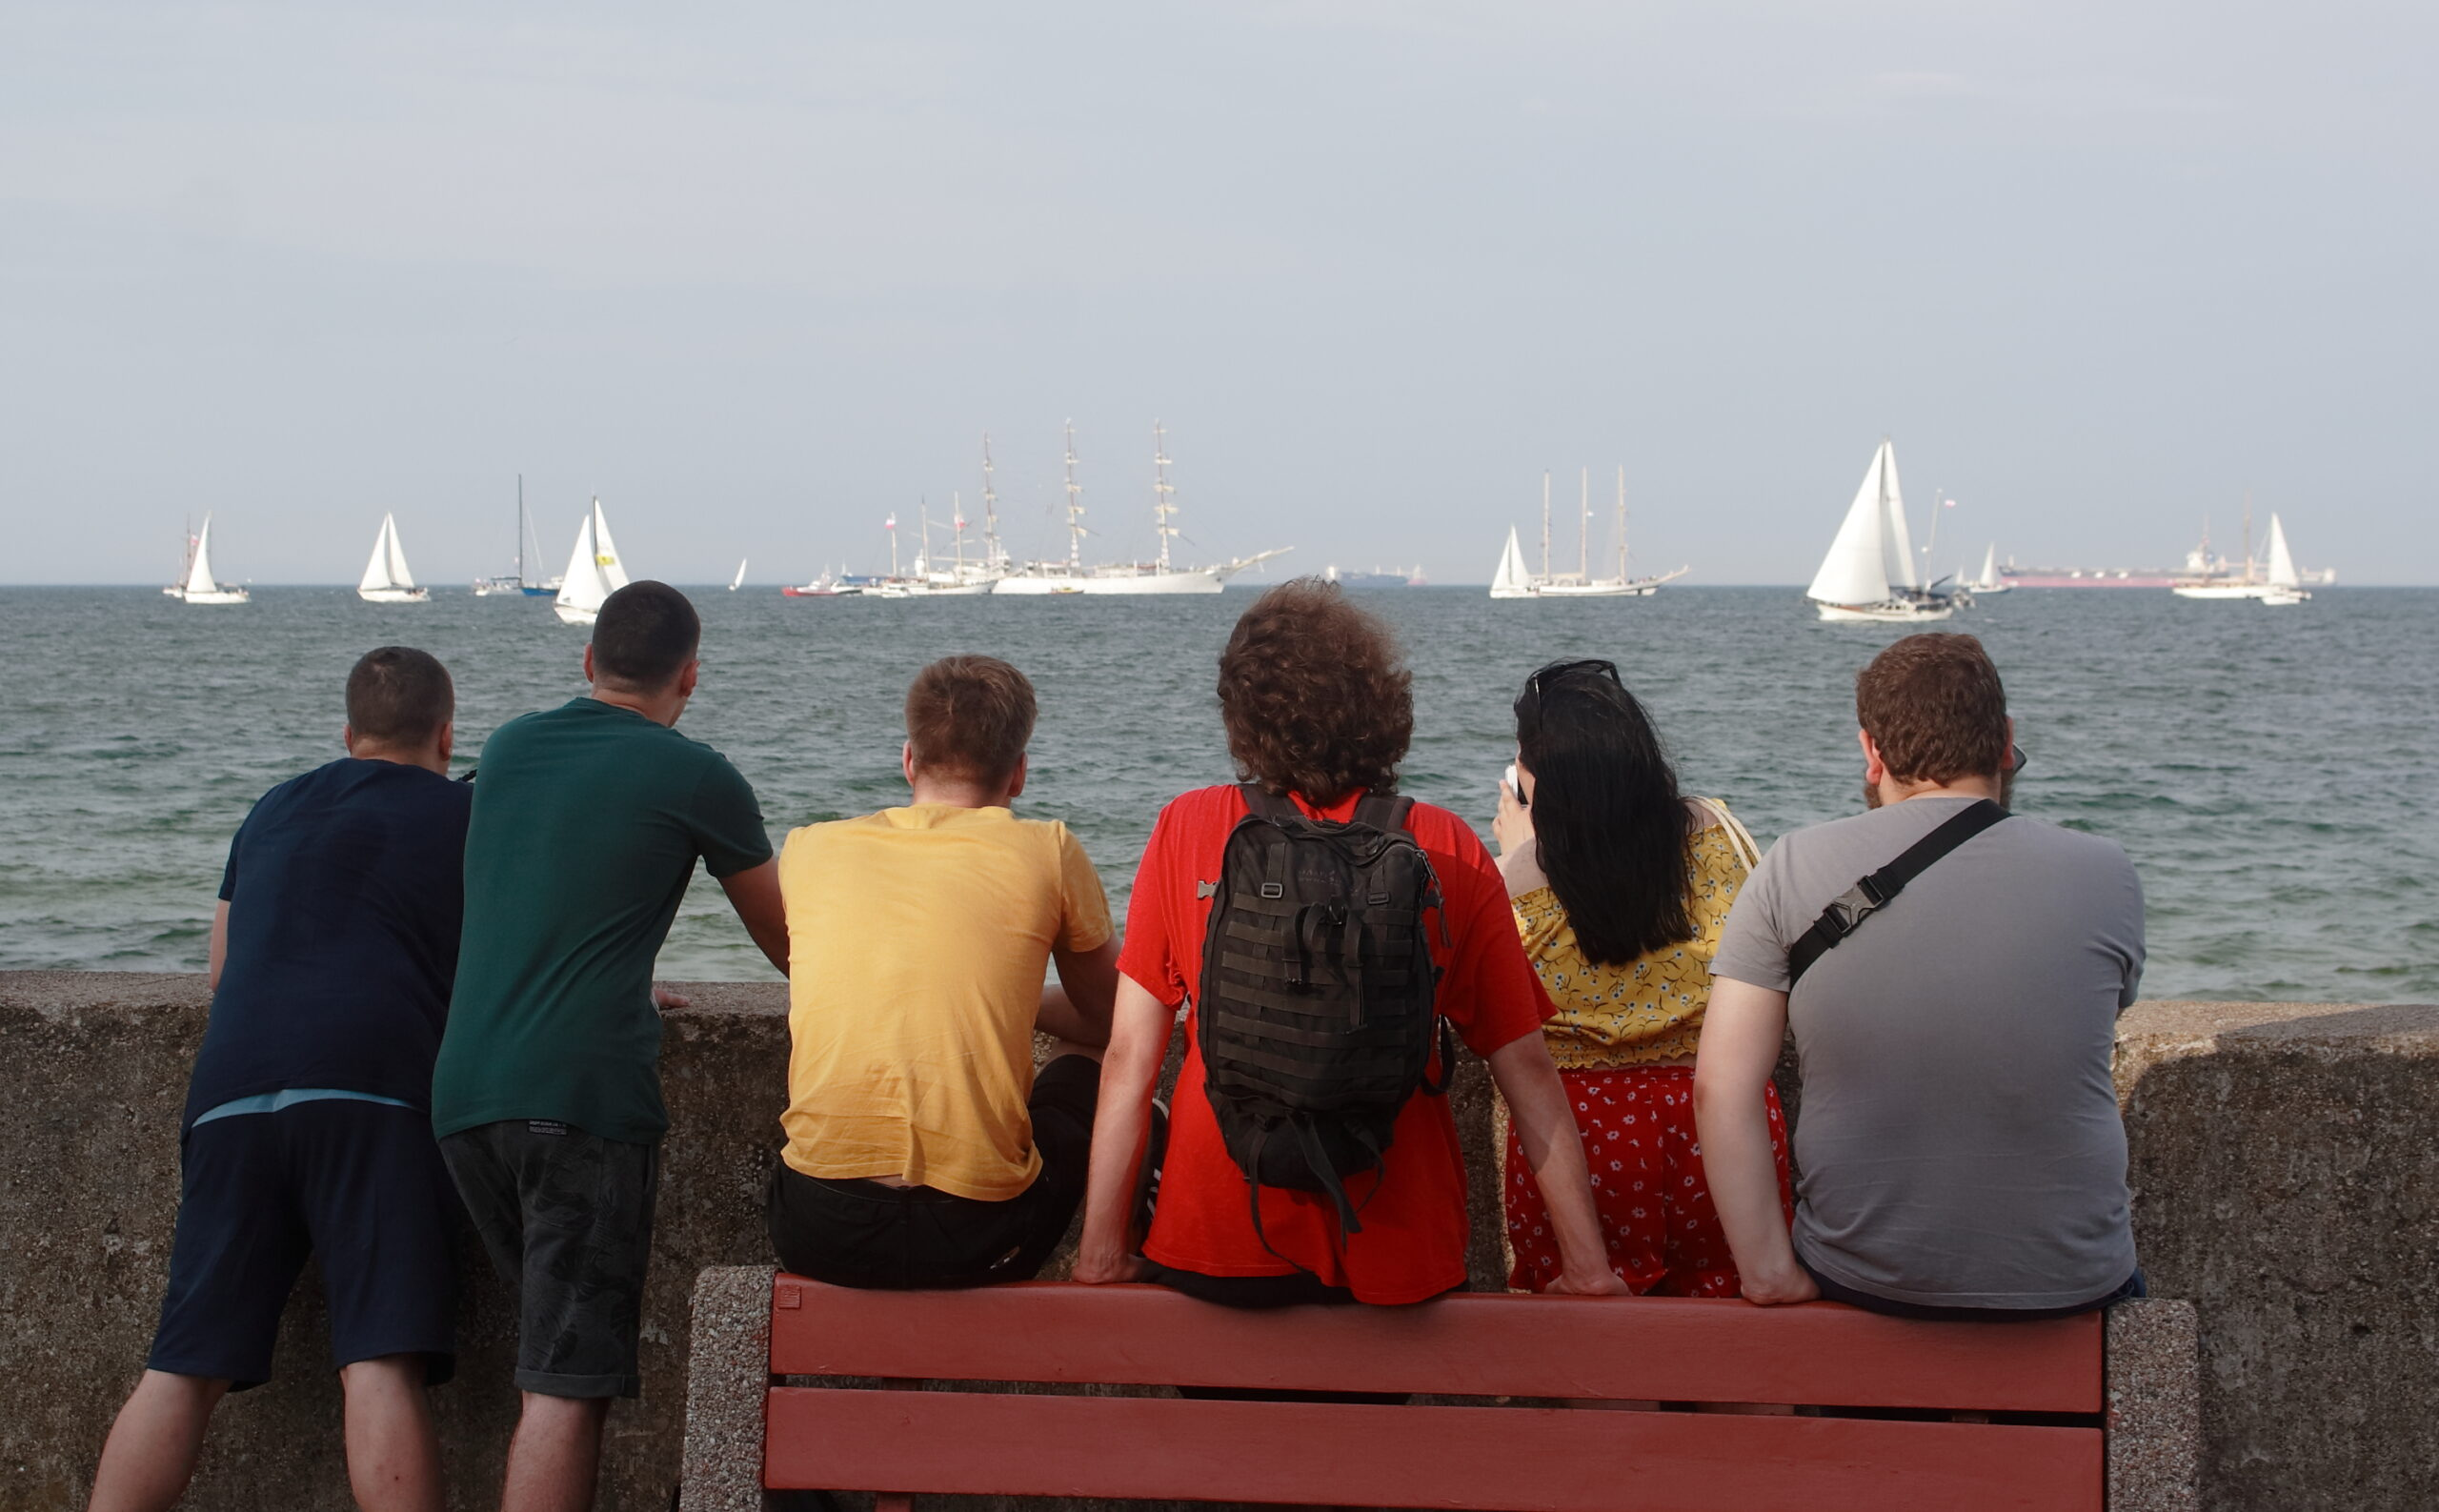 Białe żagle na Zatoce. Ponad 60 jachtów i żaglowców przepłynie z Gdyni do Gdańska